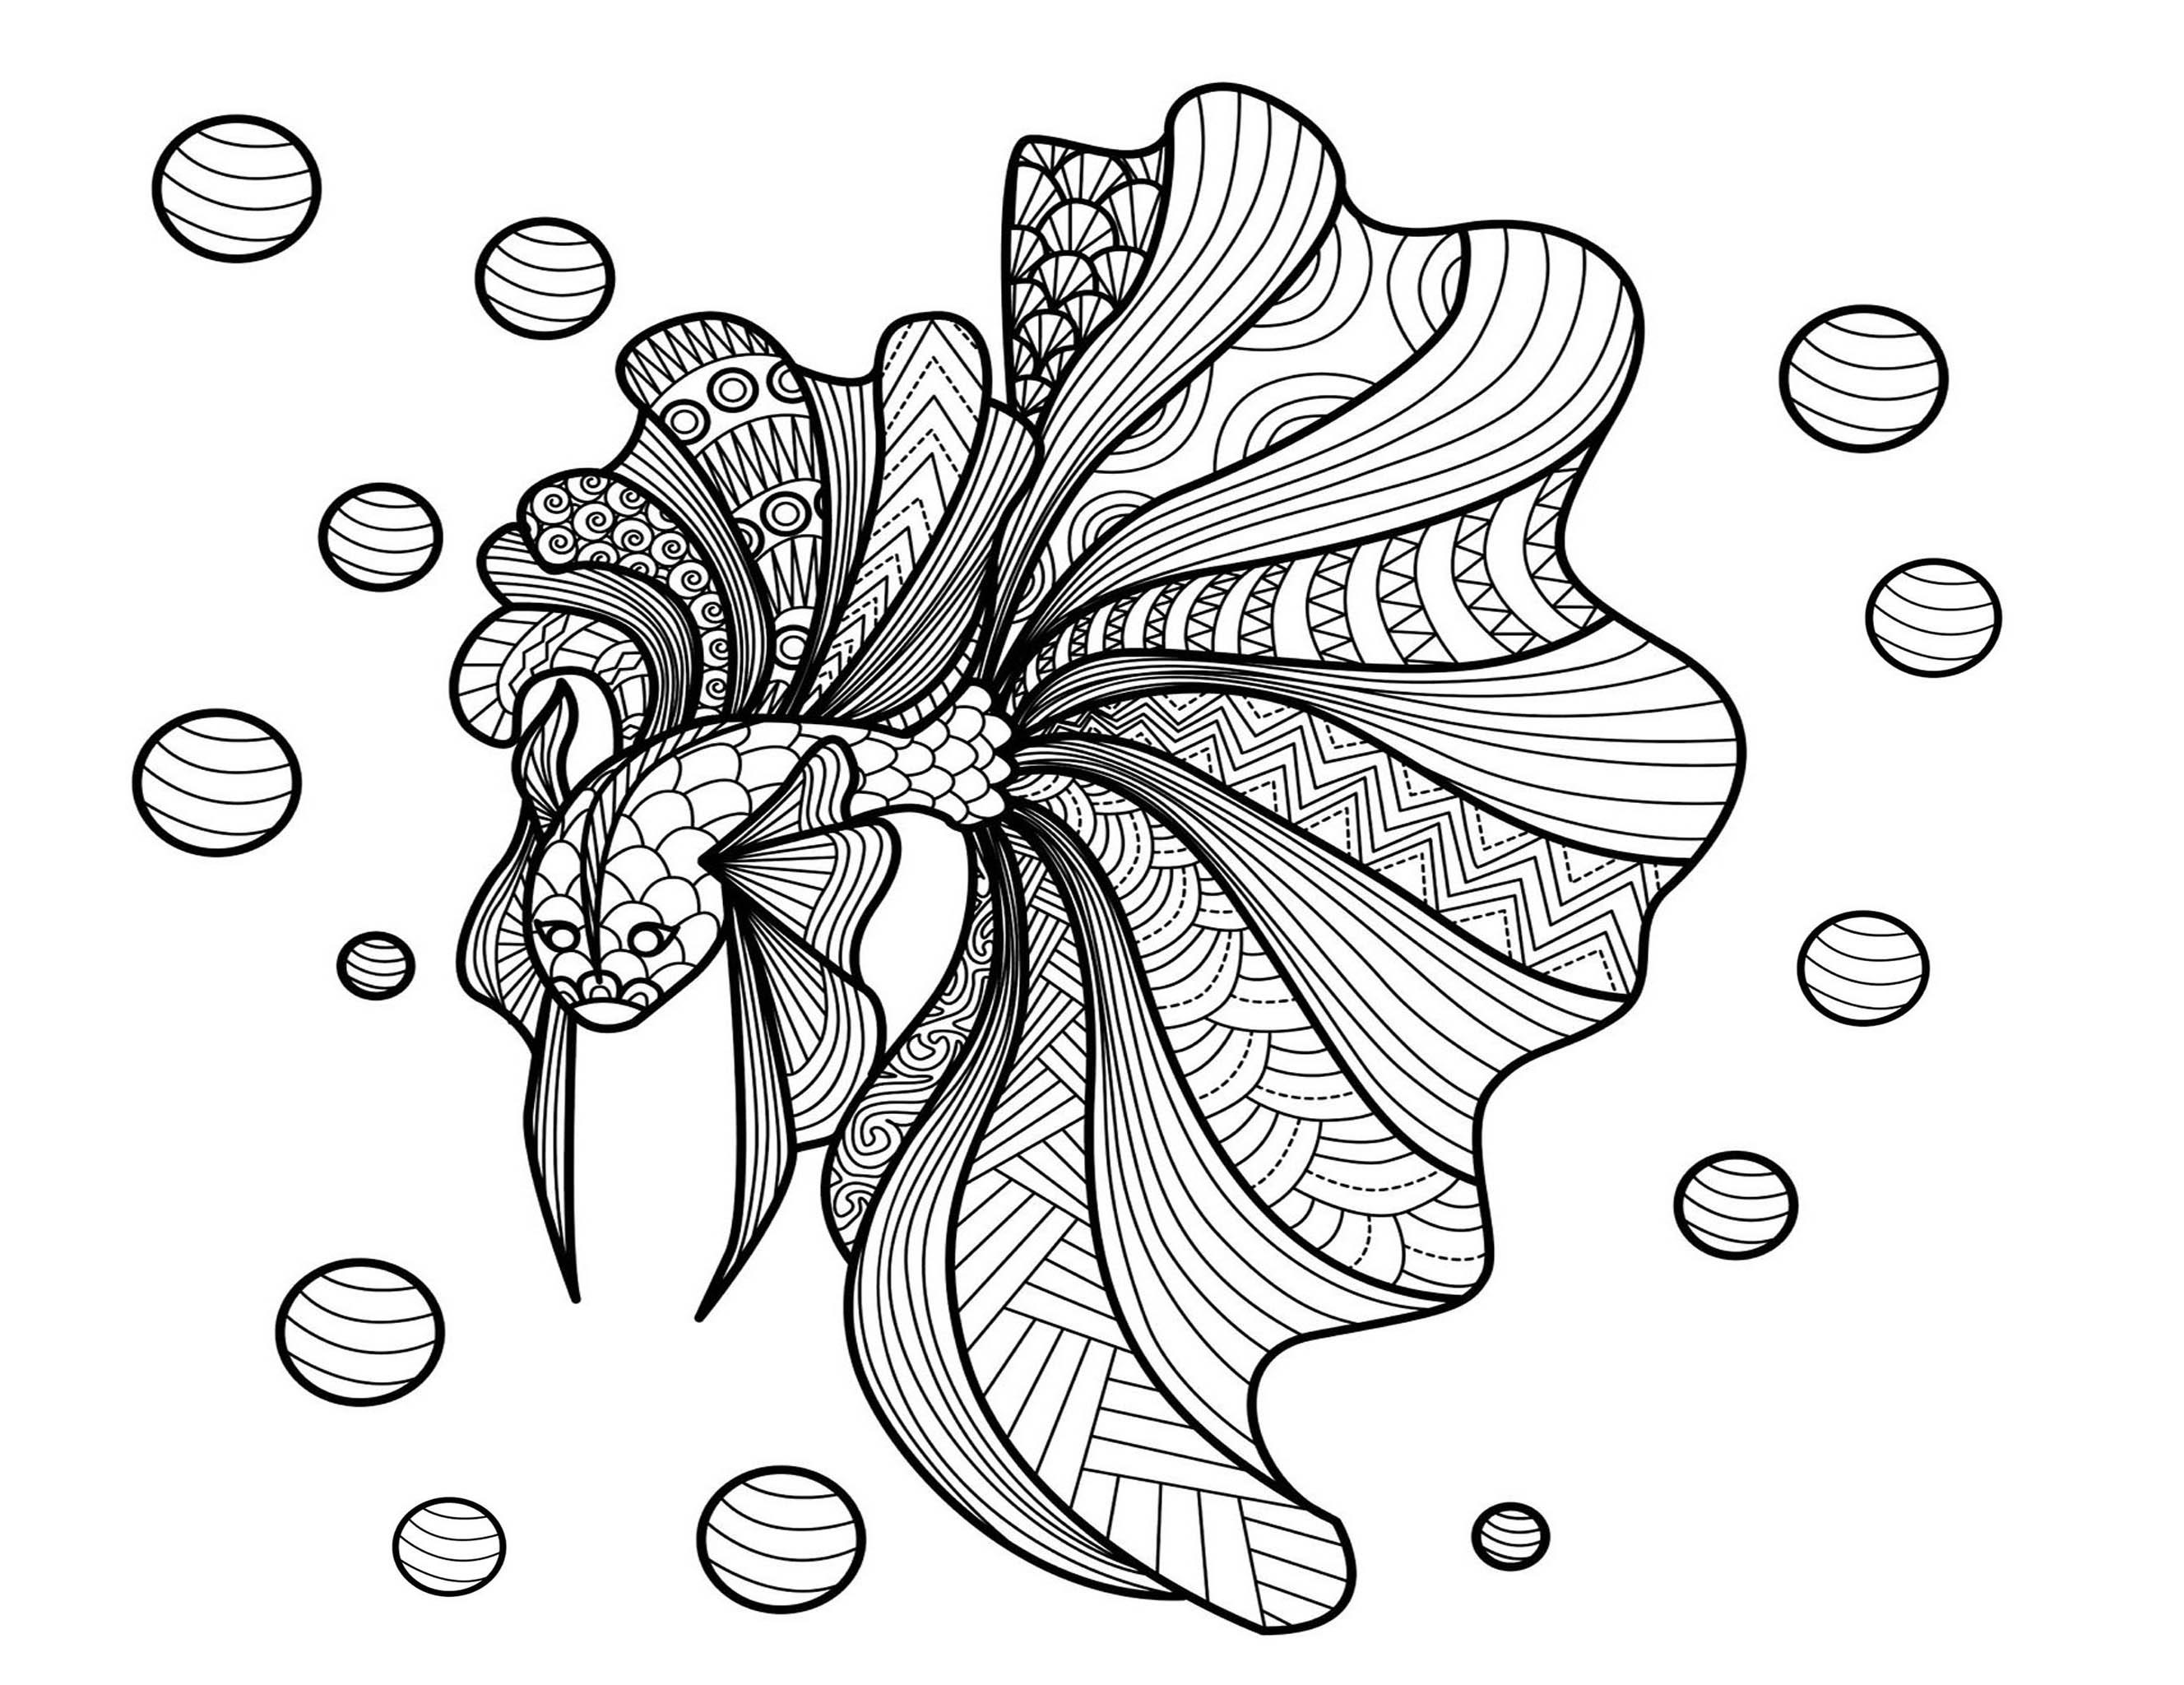 Poisson bimdeedee poissons coloriages difficiles pour - Image de poisson a imprimer ...